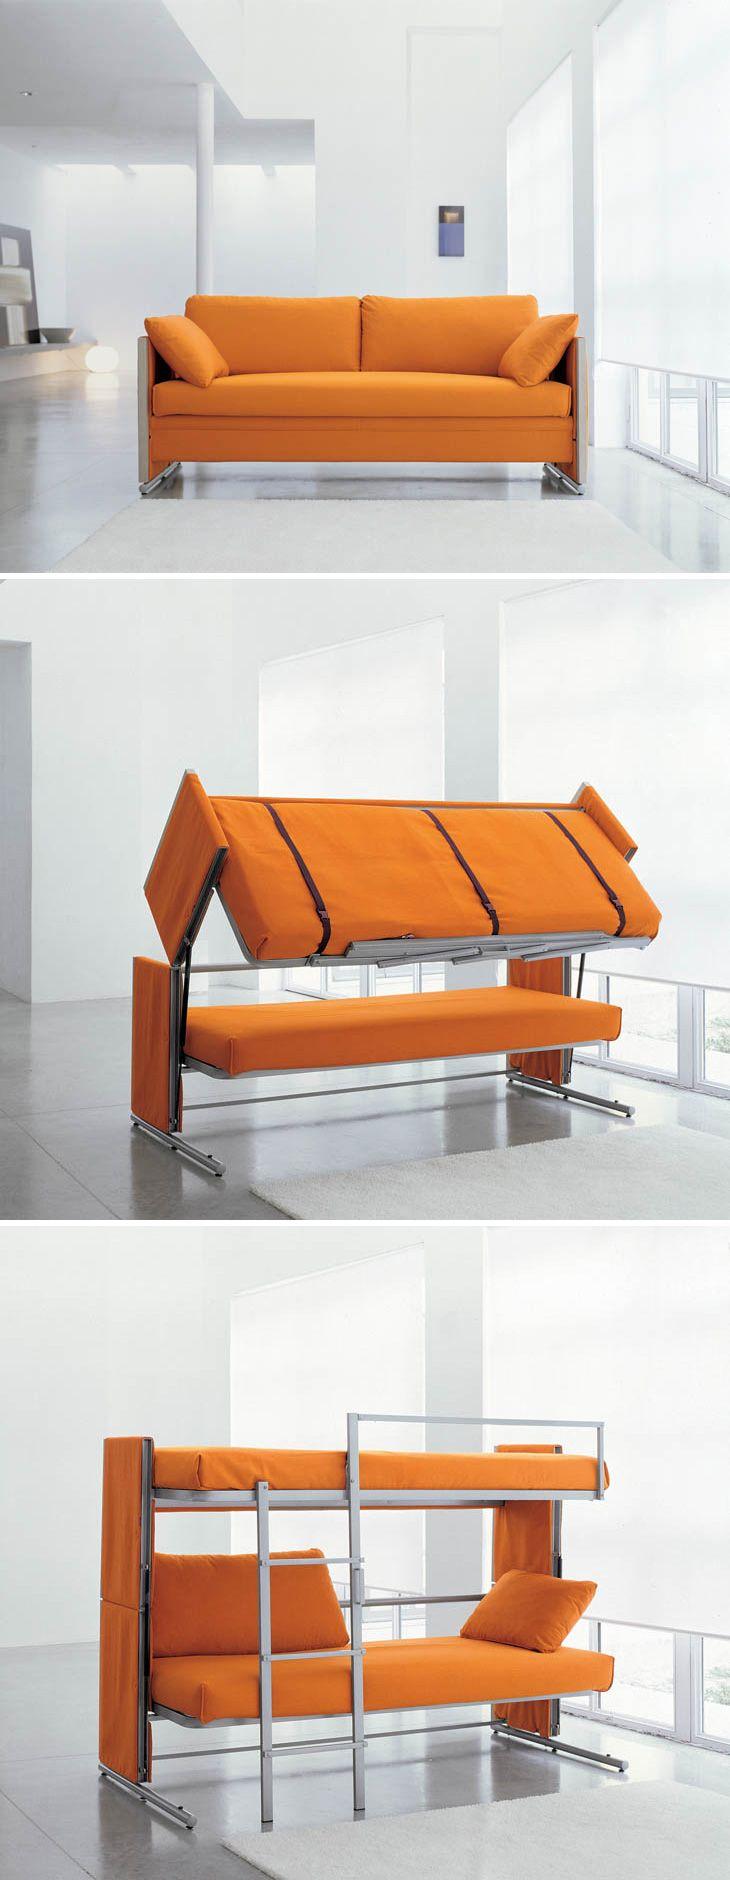 Koltuk ve ranza yatak, ergonomik mobilya tasarımları